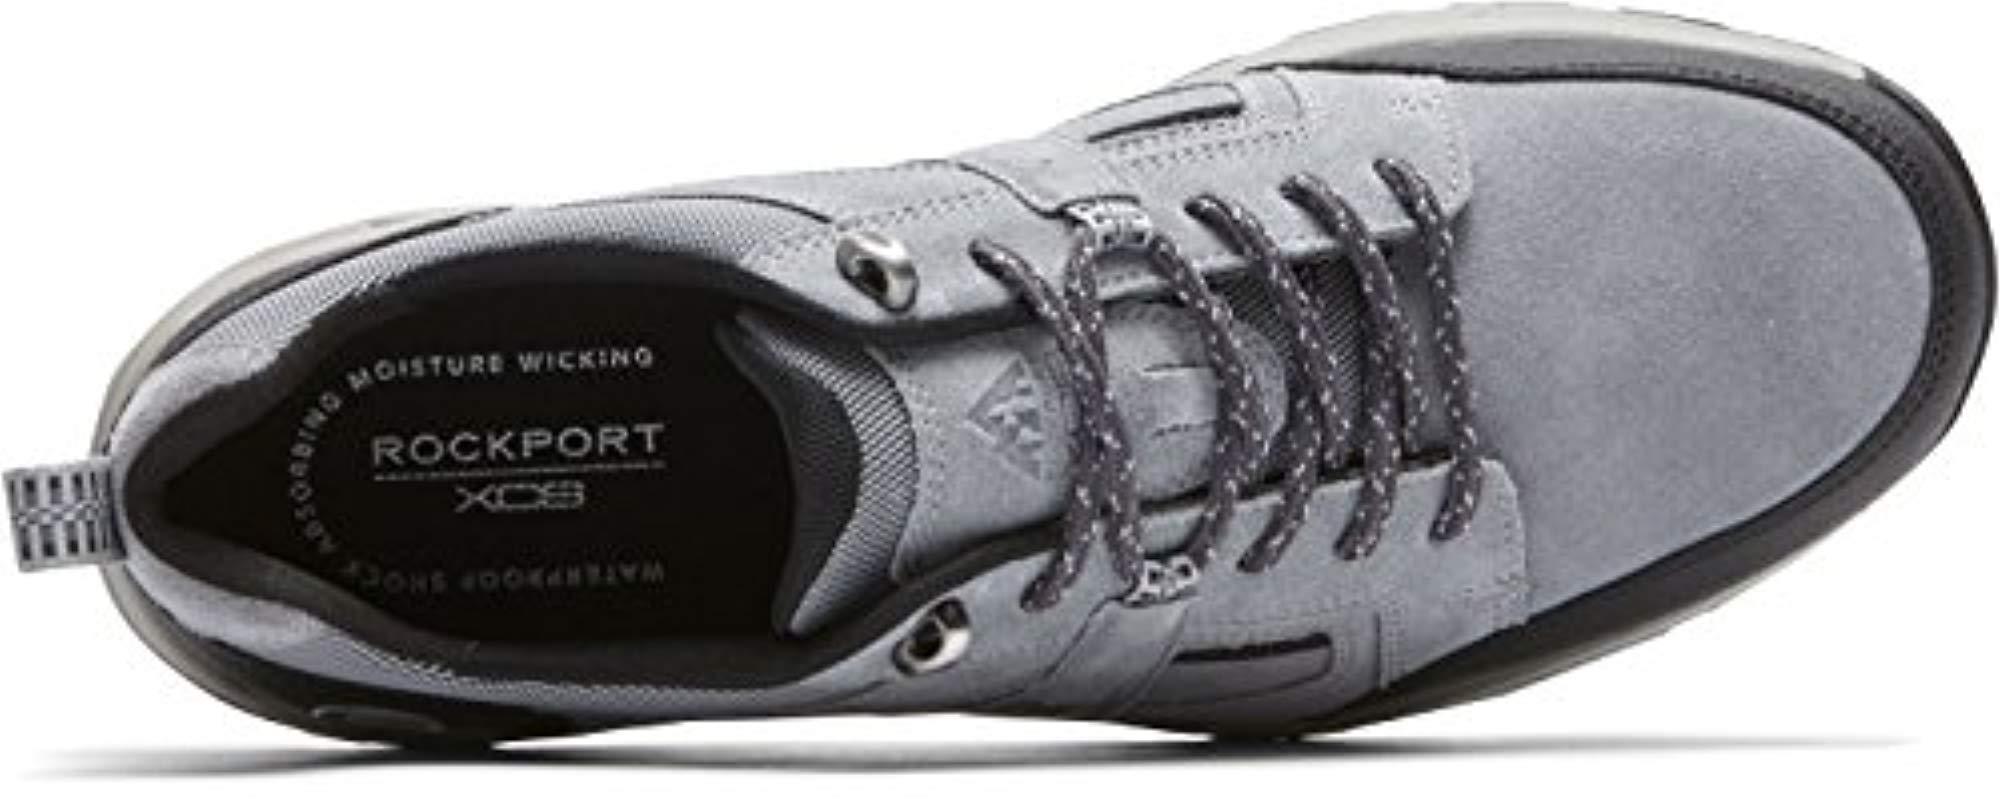 Trail Waterproof Blucher Rain Shoe